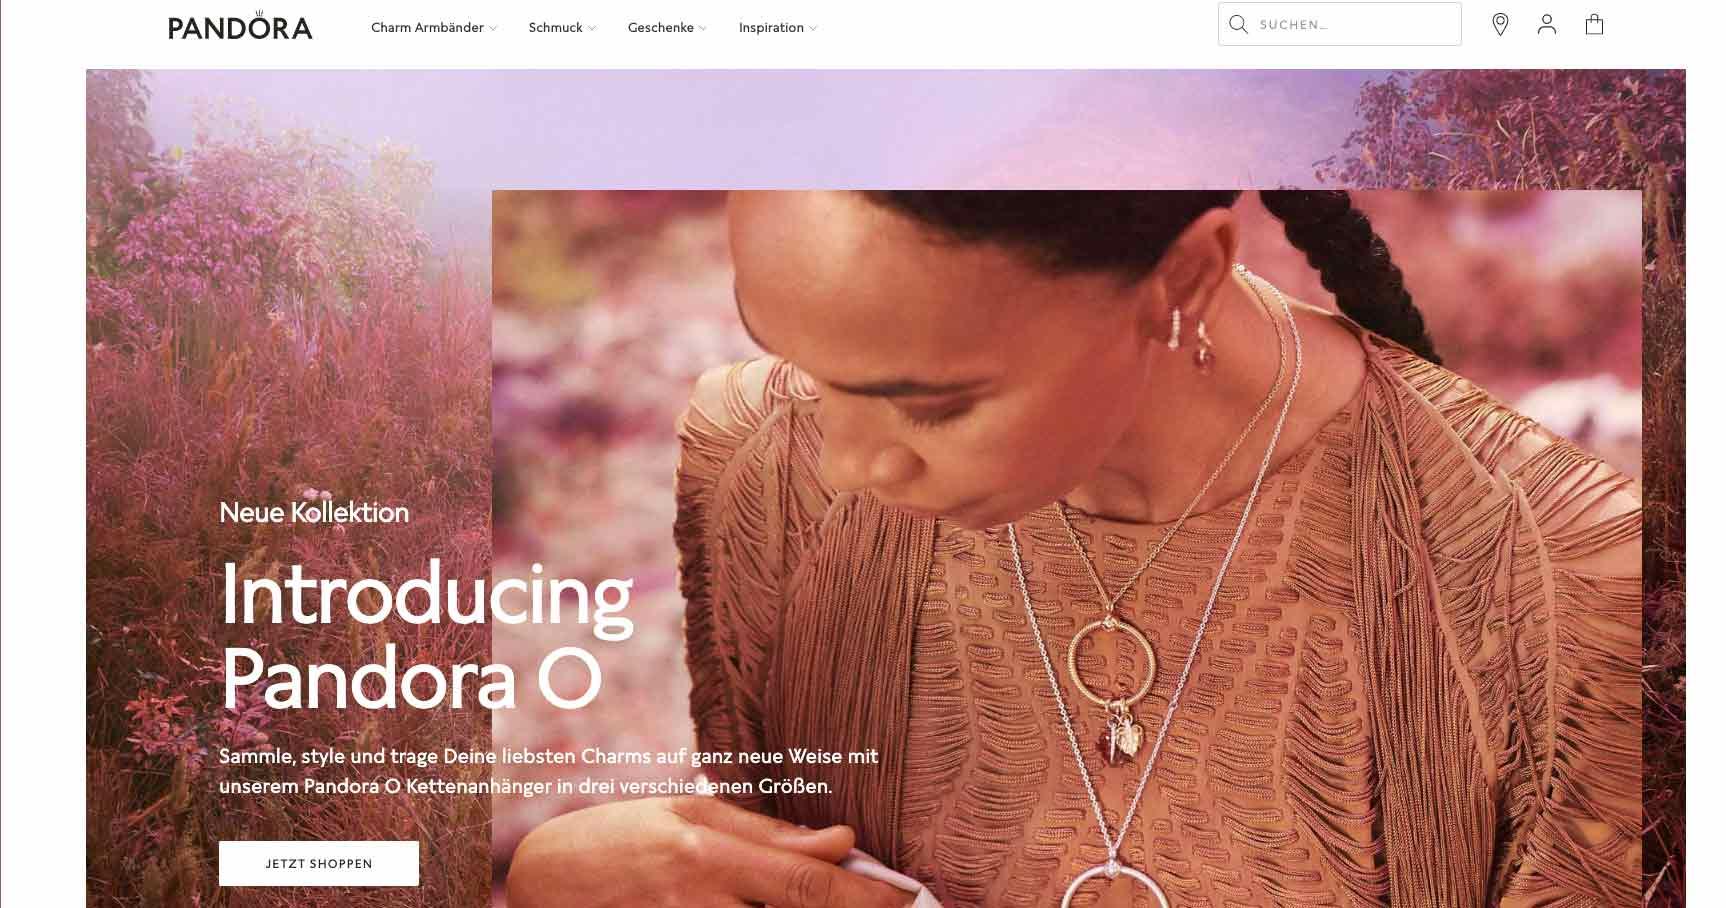 Pandora: Digitale Transformation mit neuem IT-Partner - blickpunkt juwelier